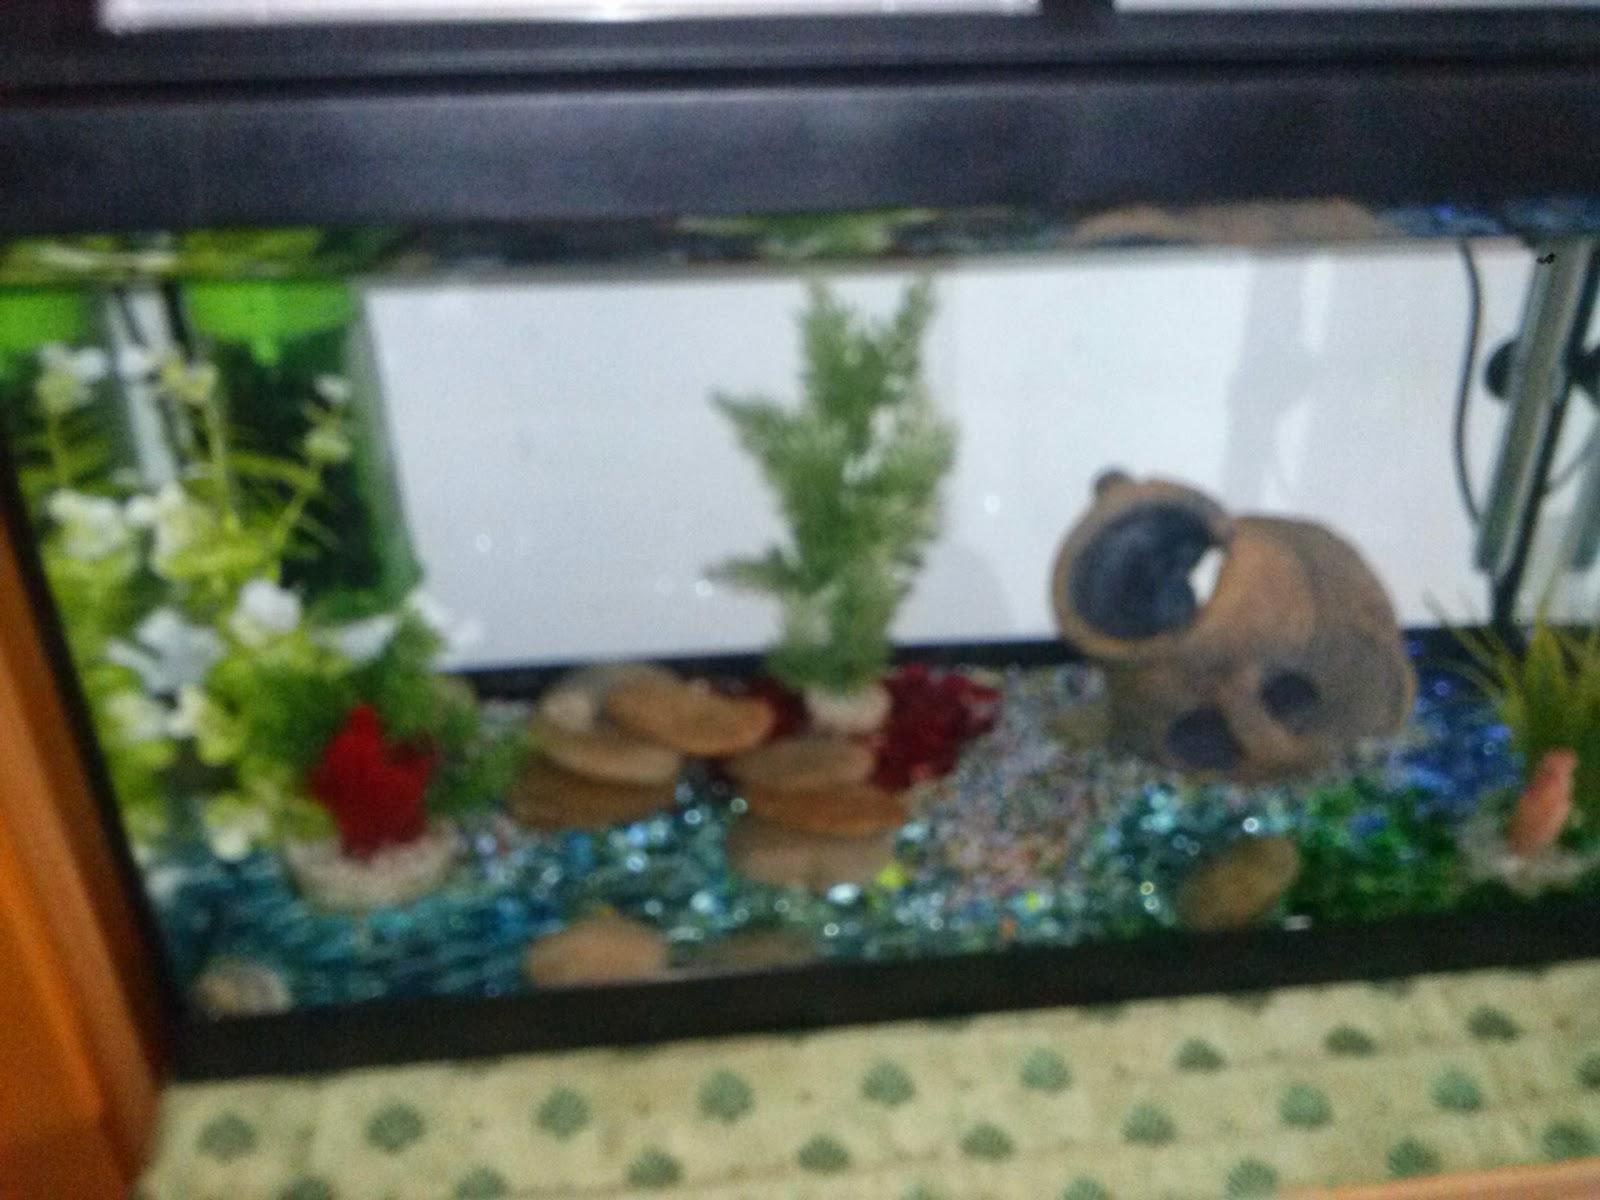 Barabao come allestire un acquario per pesci rossi for Acquario per tartarughe con filtro